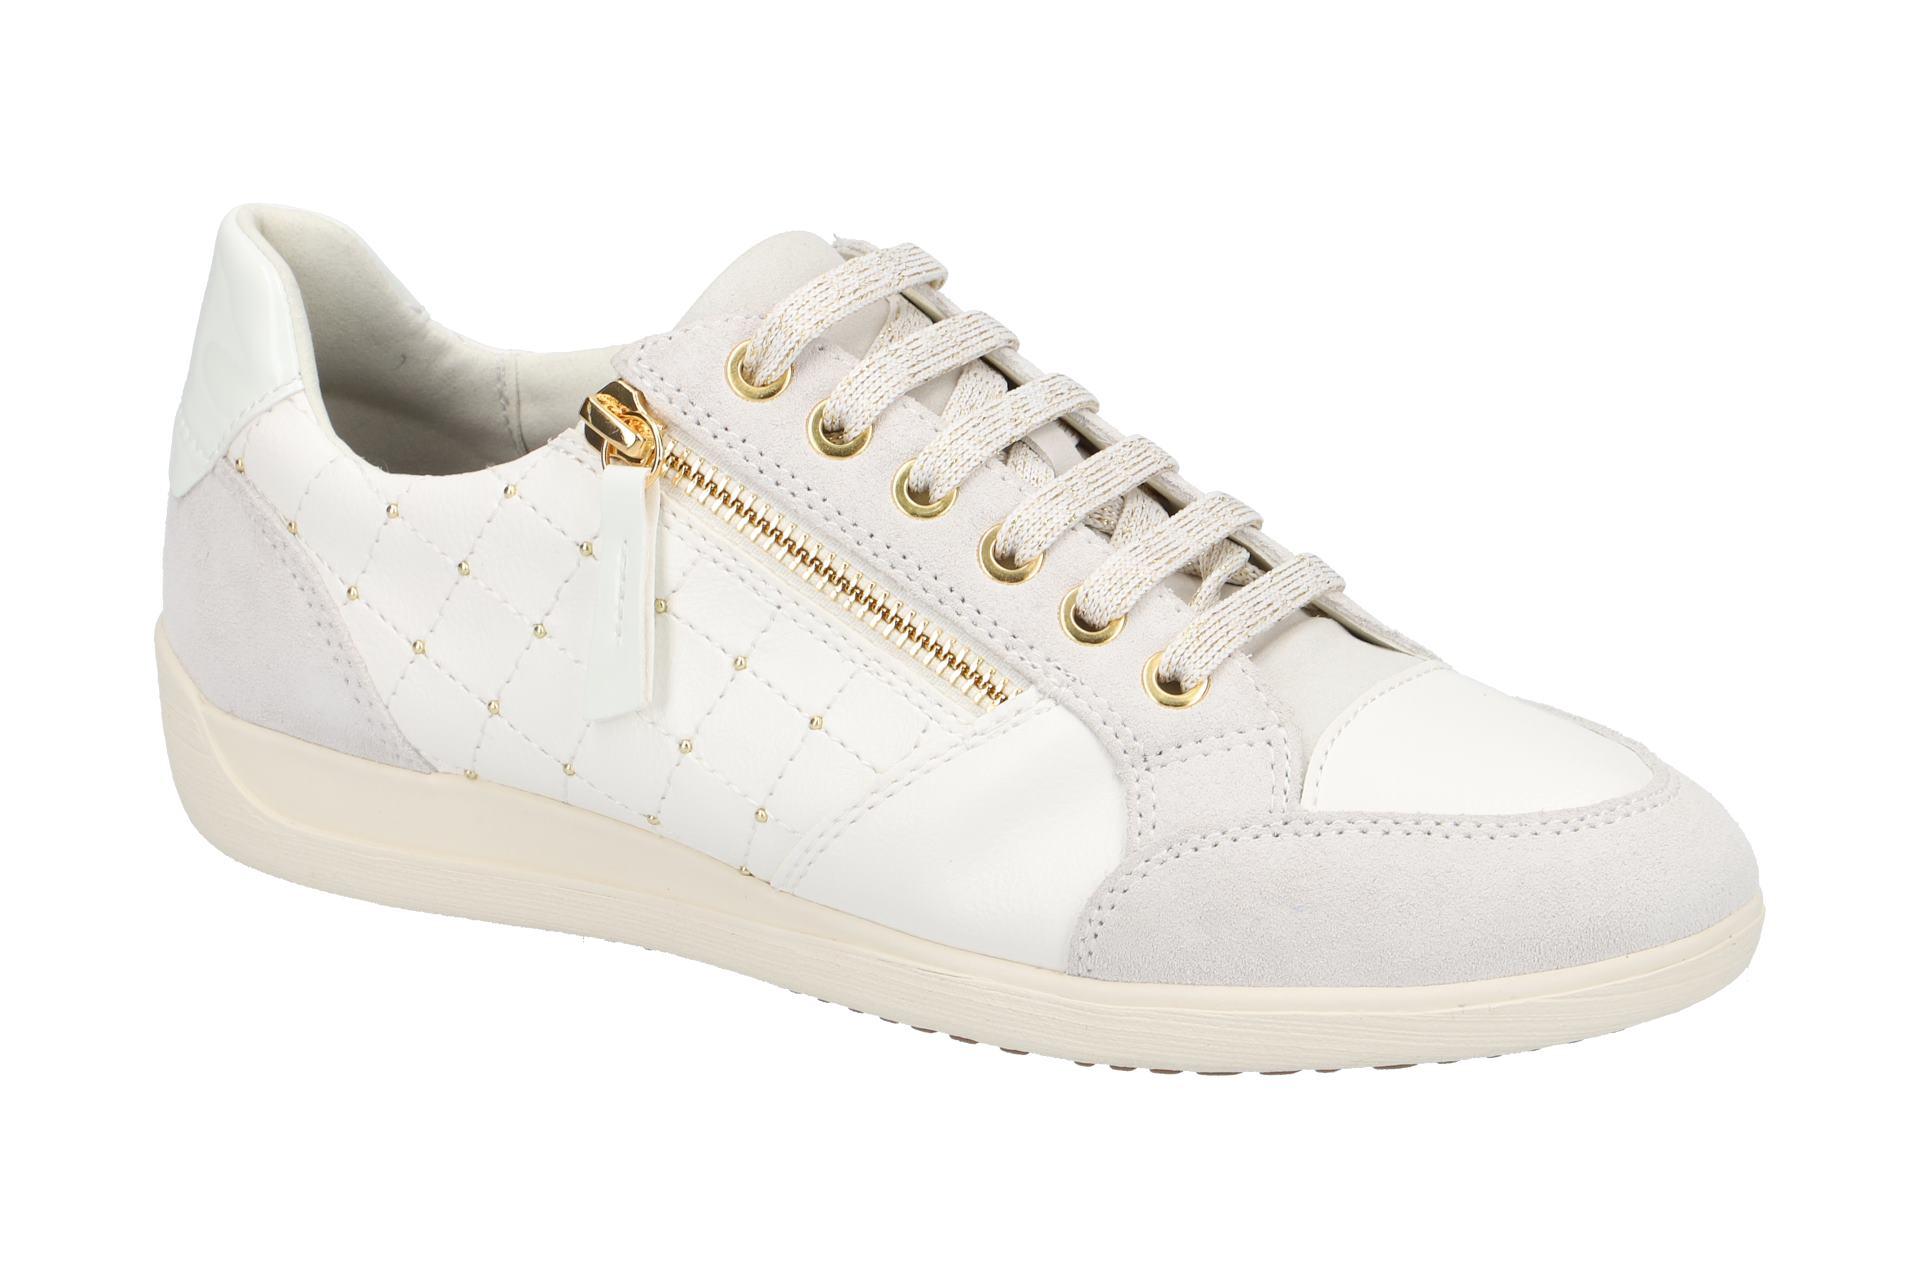 Geox Schuhe MYRIA weiß Damenschuhe D8468B 0BC22 C1209 NEU | eBay